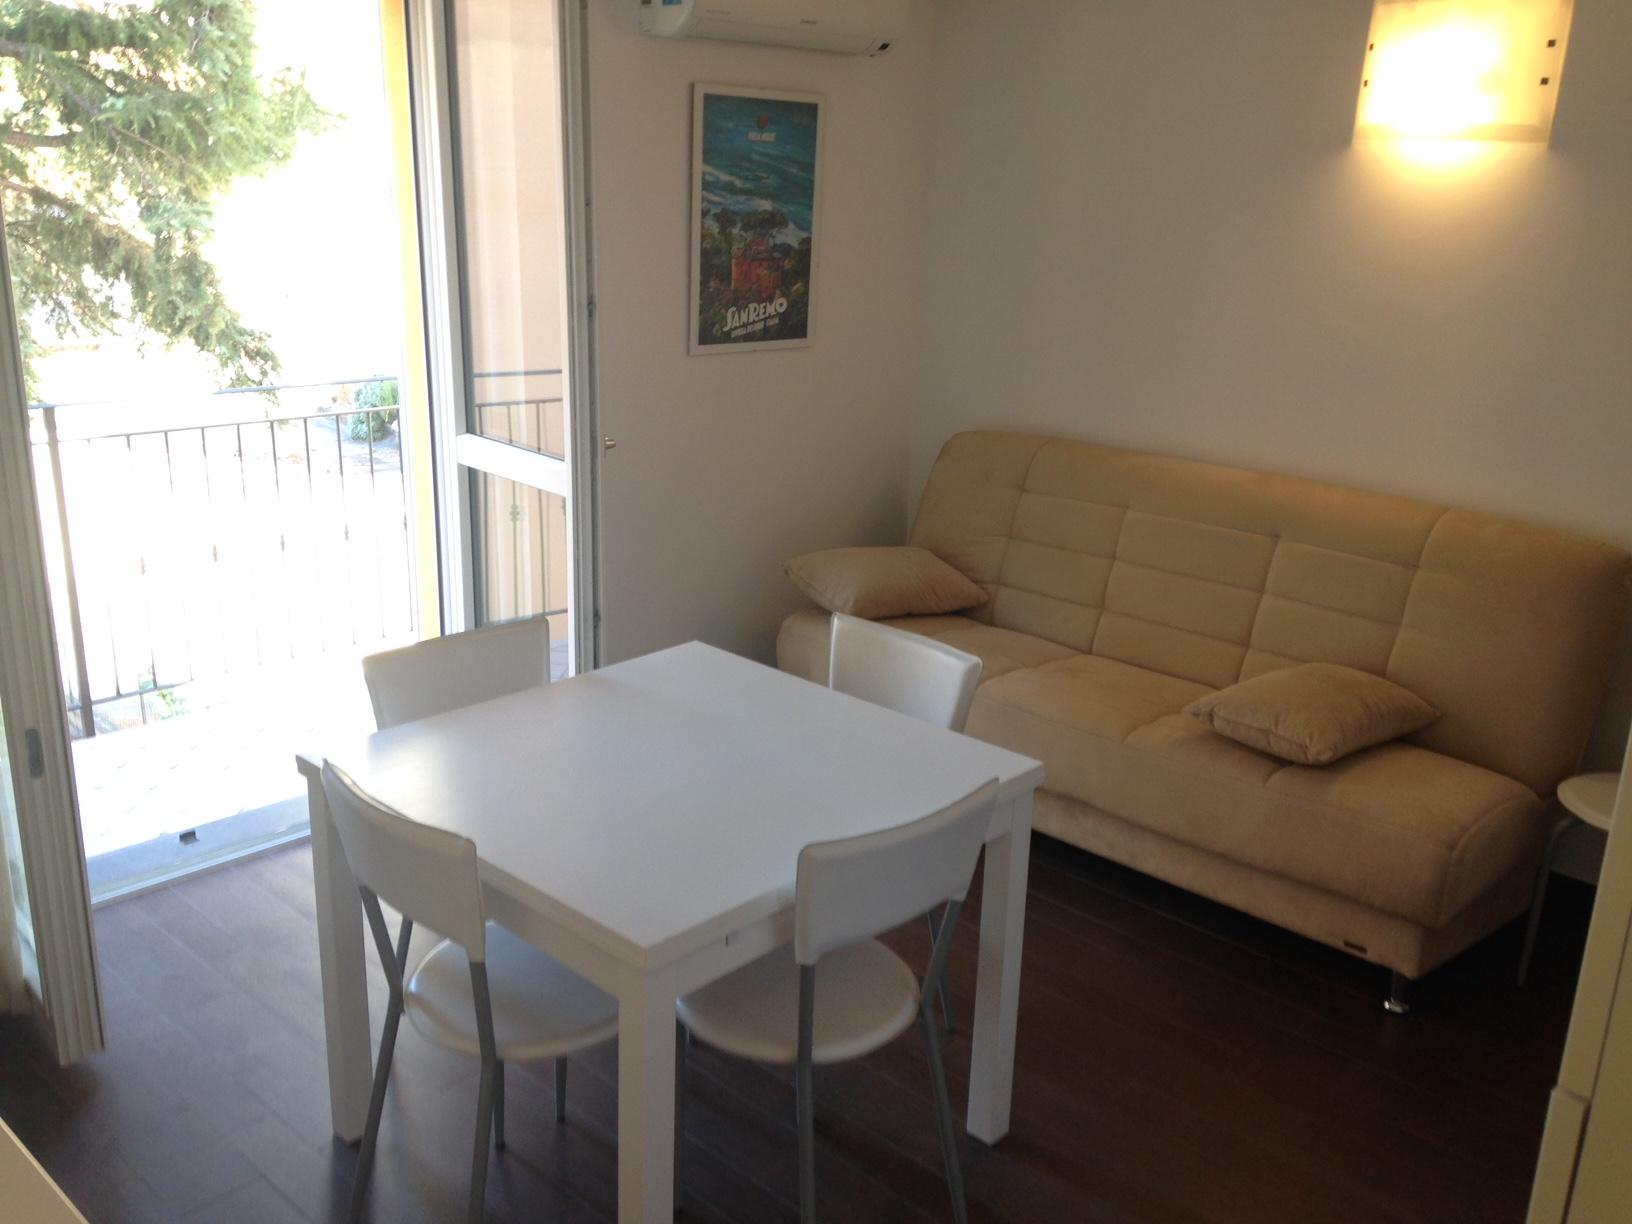 Appartamento in affitto a Imperia, 2 locali, zona Località: PortoMauriziocentro, prezzo € 600 | Cambio Casa.it